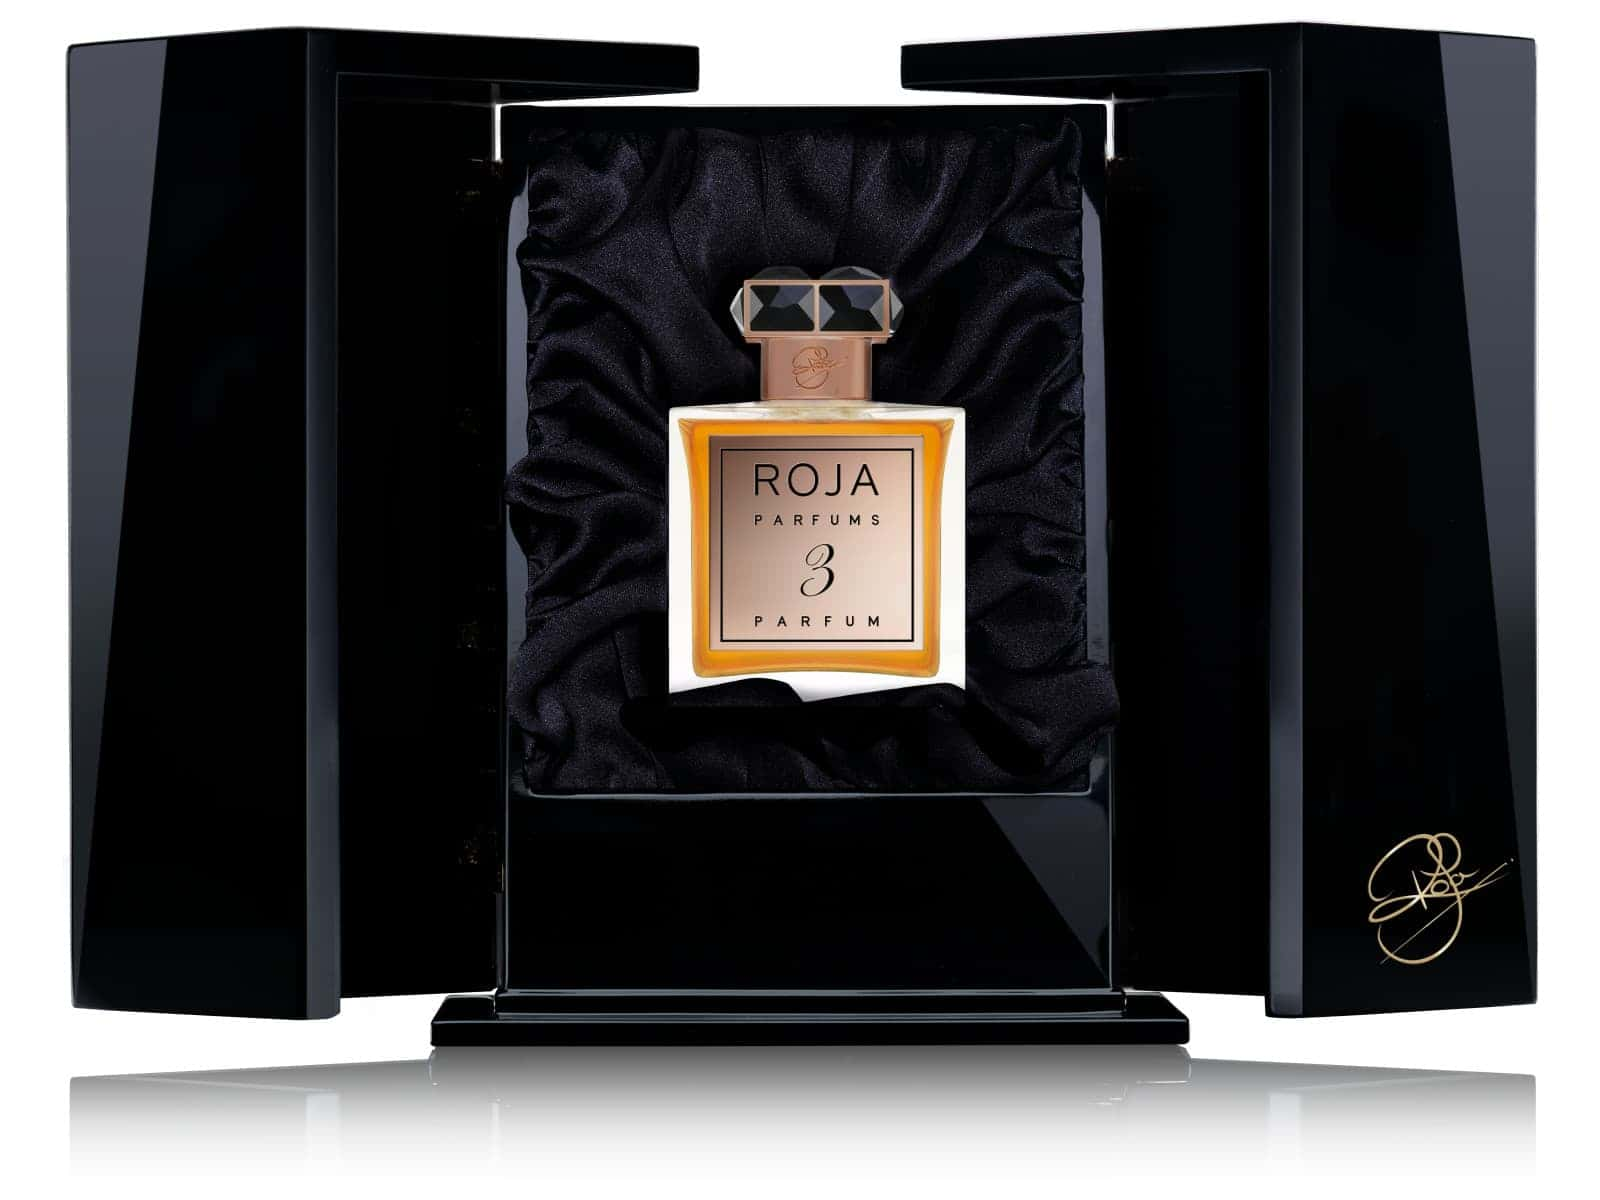 Roja Parfums - Parfum de la Nuit 3 - Extrait de Parfum - Design